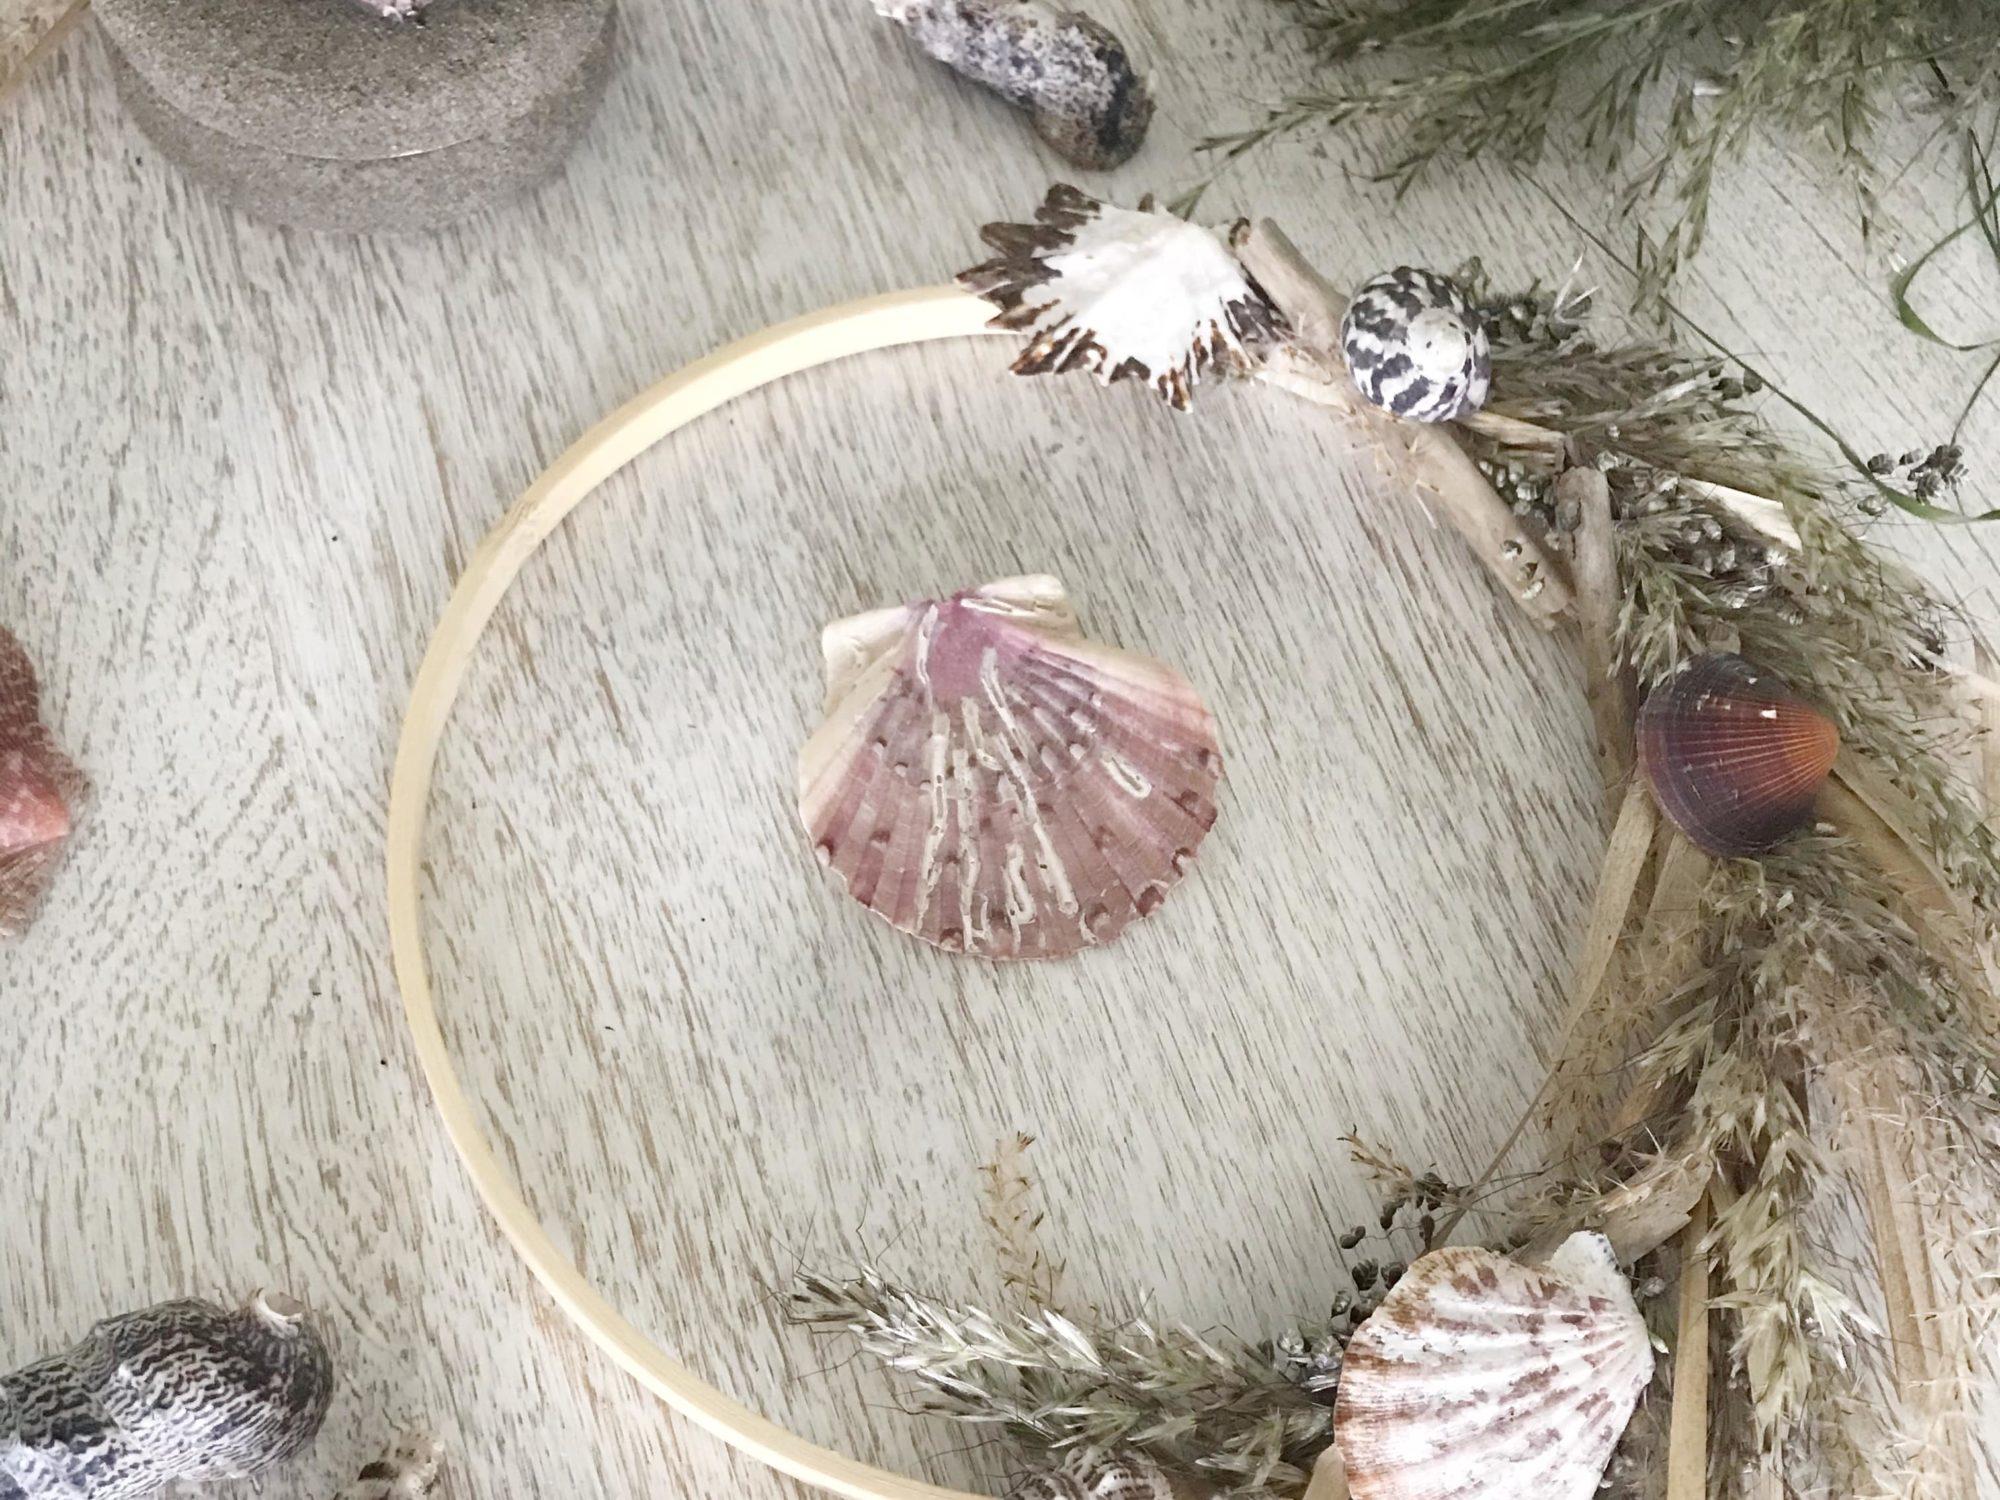 DIY: Maritime Deko selber machen mit Naturmaterial. Leichter Kranz aus Gräsern und Muschel und schöne Schmuckdose mit Muscheln und echtem Sand. #Chalet8 #Muschelkranz #Sommerdeko #Gräserkranz #maritimedeko